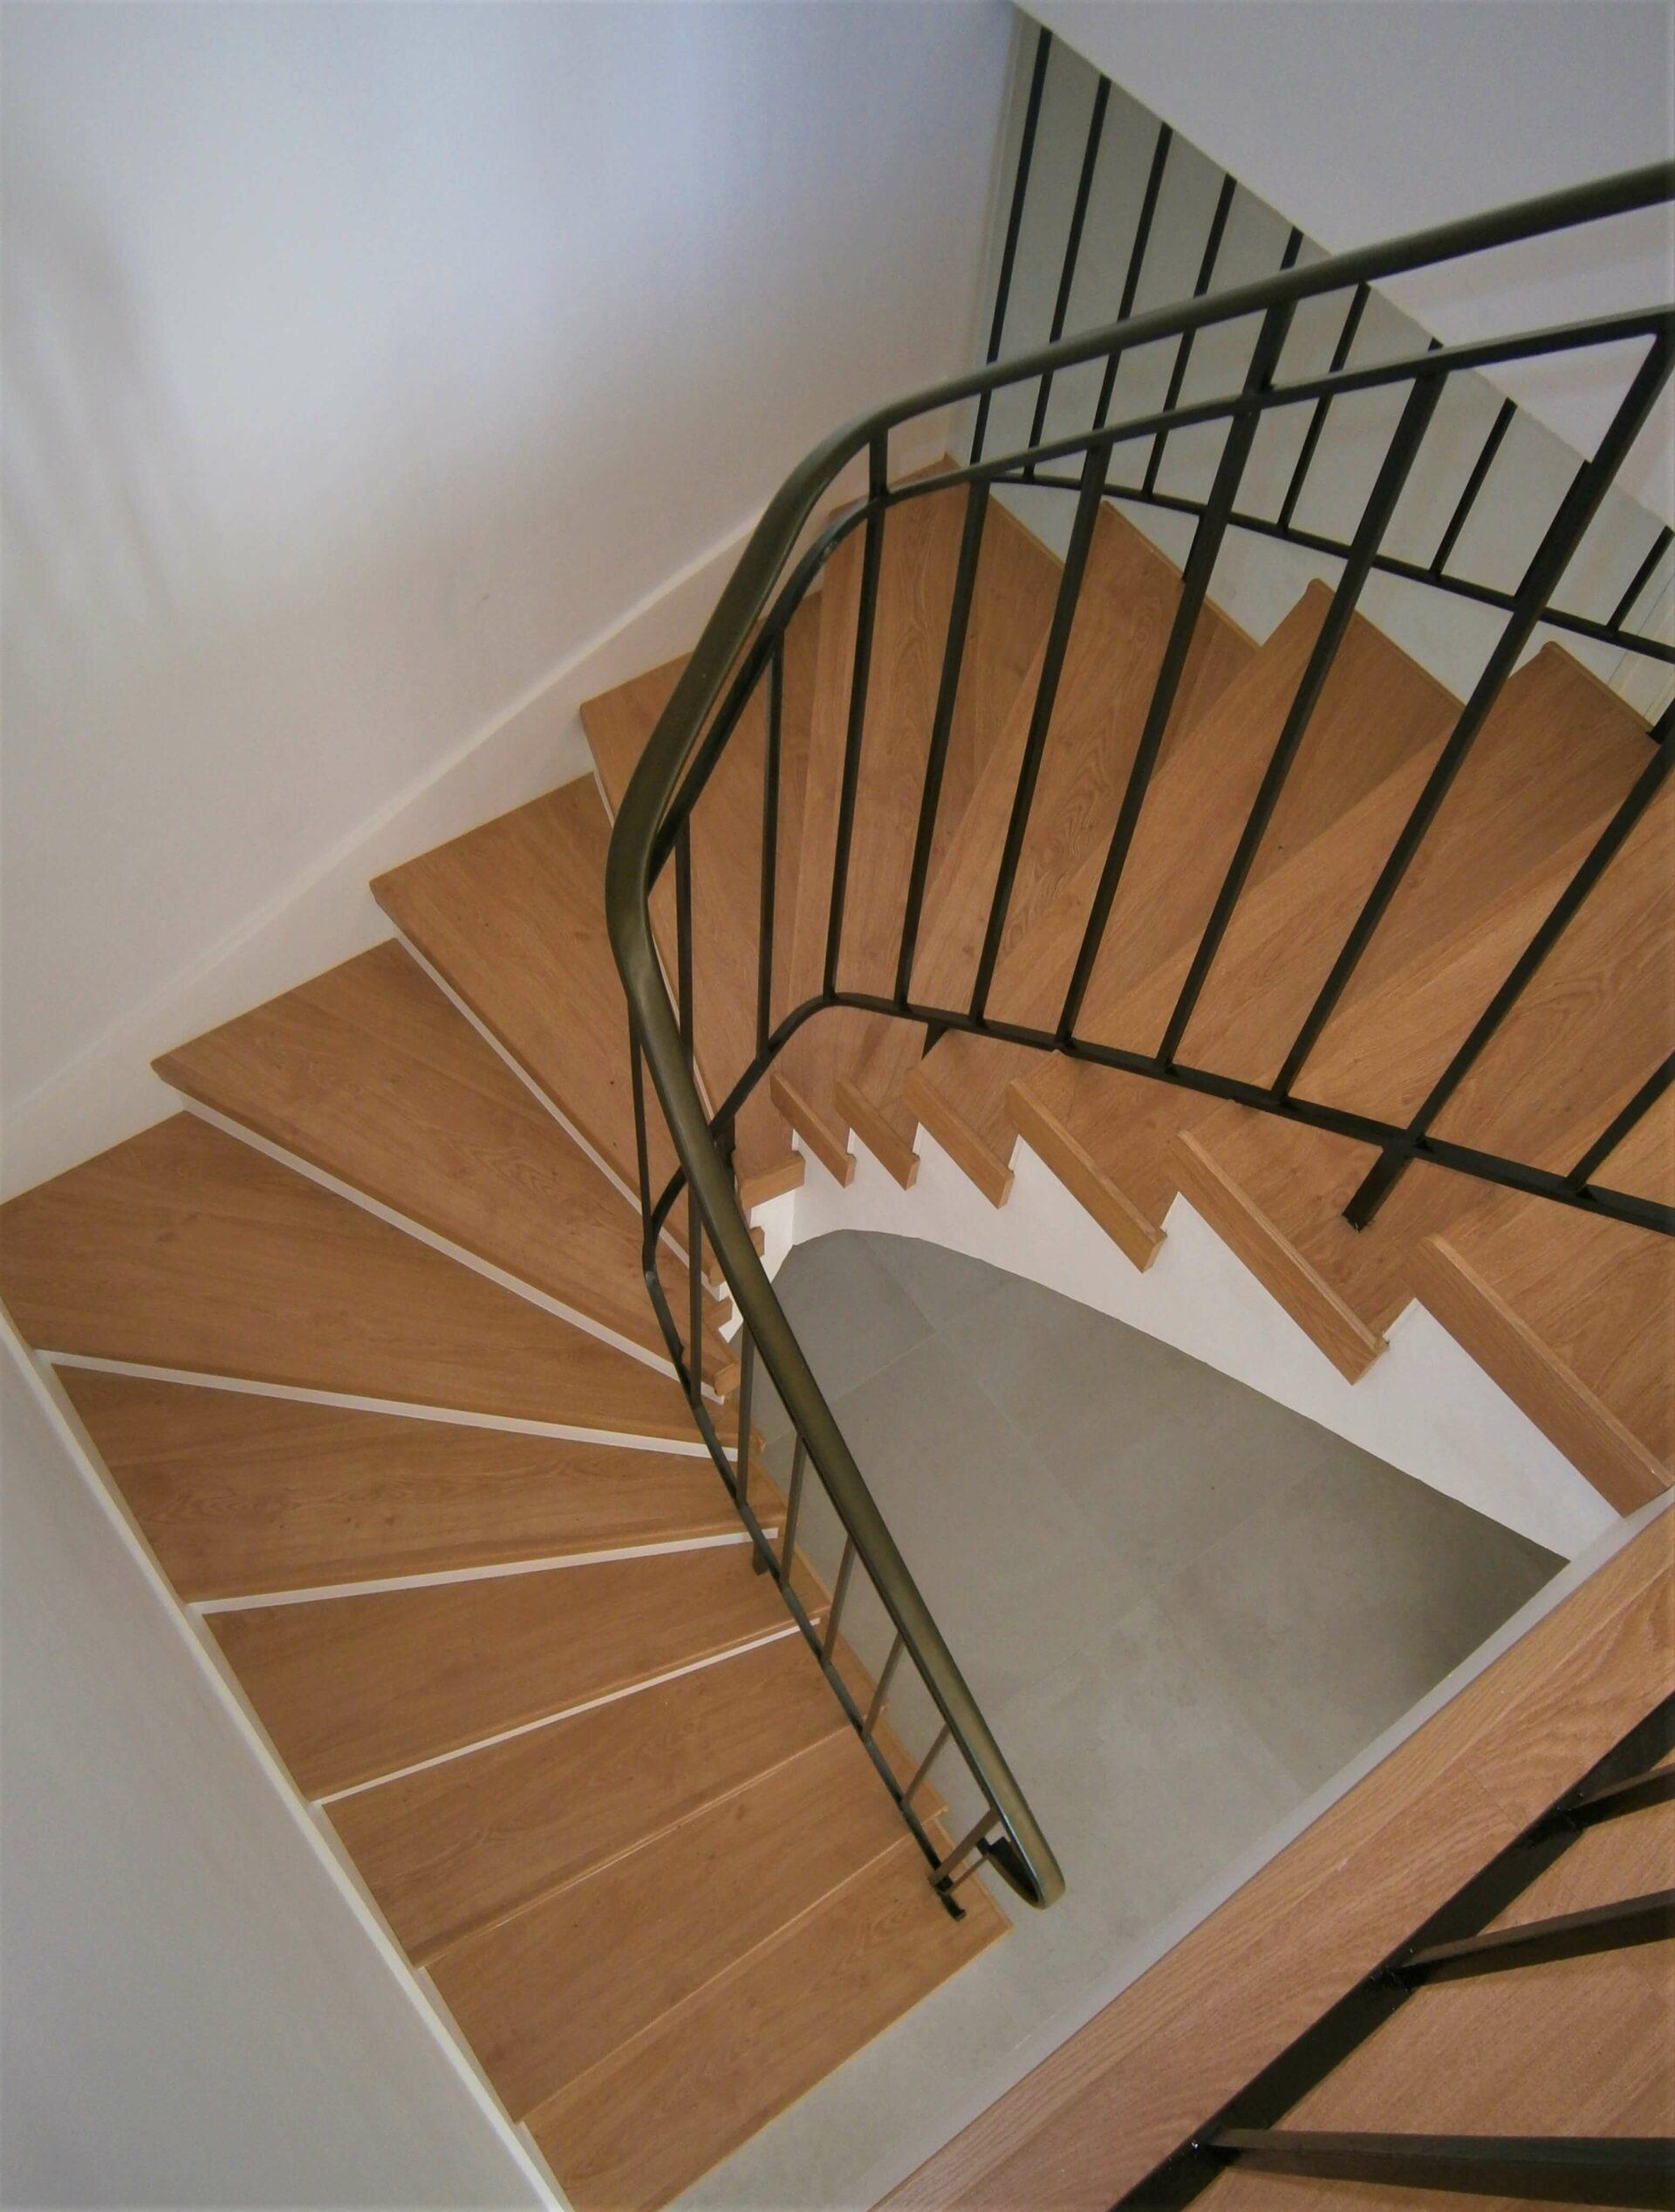 styl 39 stair44 r alisations en r novation et habillage d 39 escalier. Black Bedroom Furniture Sets. Home Design Ideas